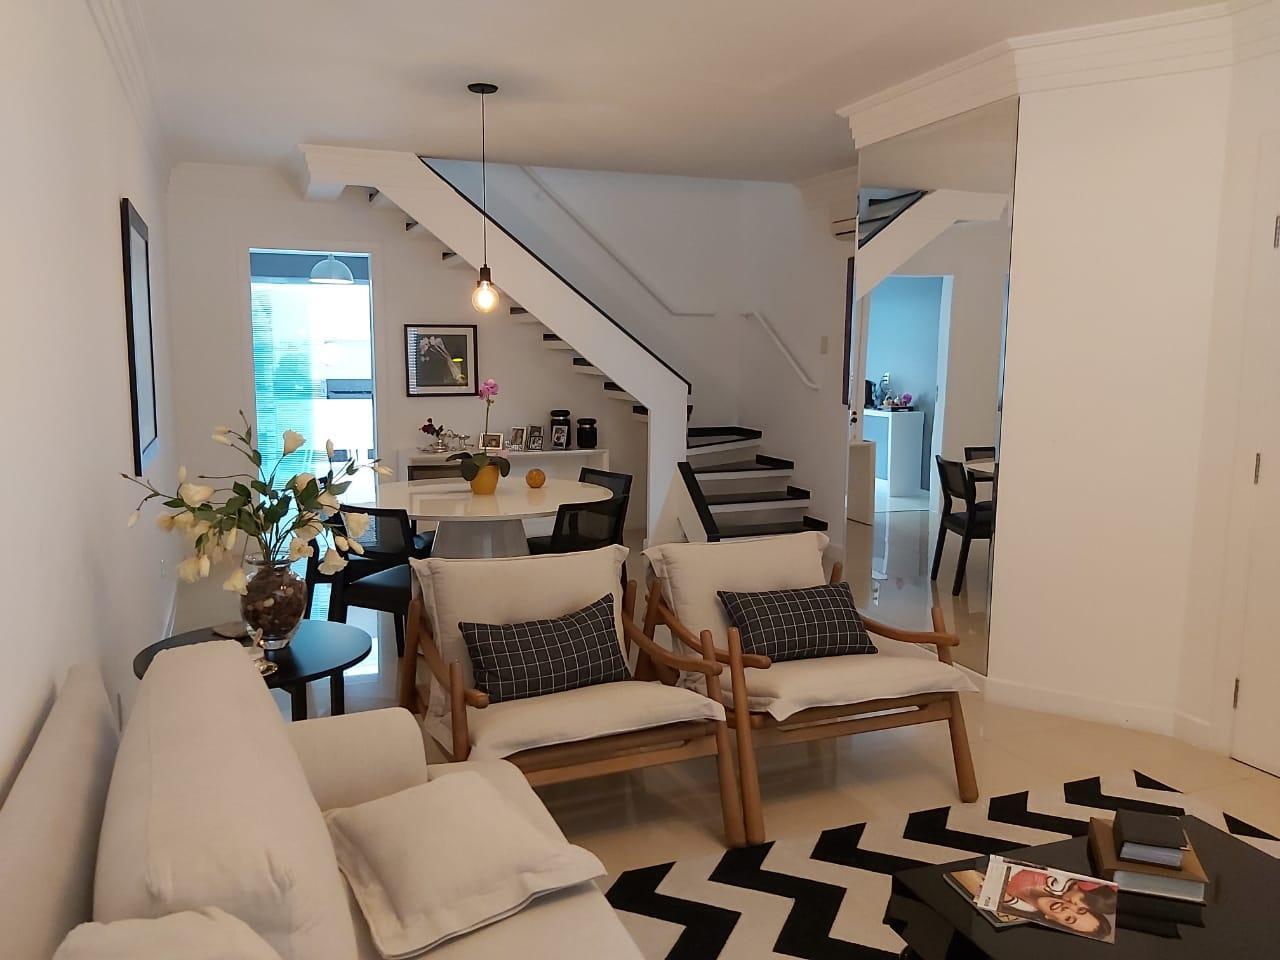 Sobrado com 3 dormitórios e 1 suíte, de 141 m² - Jardim América - Indaiatuba/SP